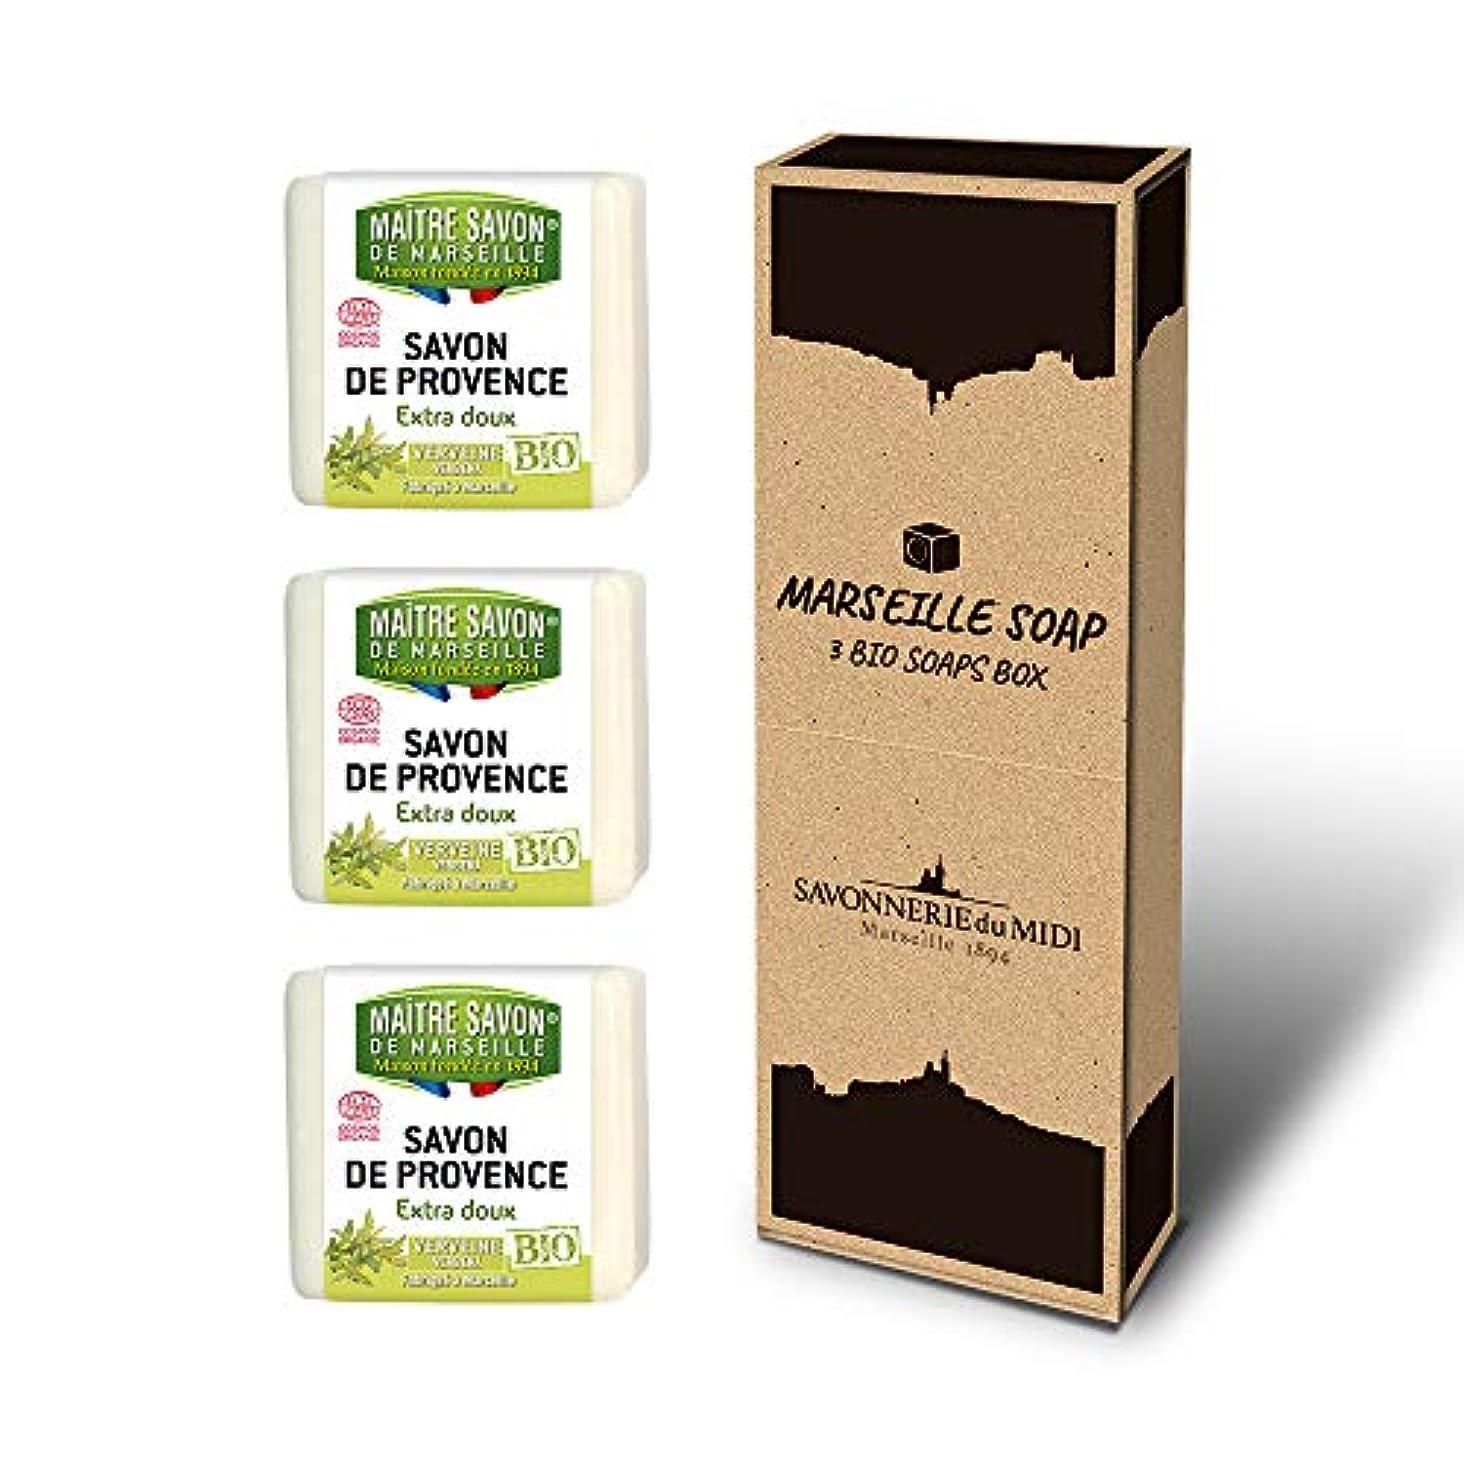 酒スタックバタフライマルセイユソープ 3BIO SOAPS BOX (バーベナ)